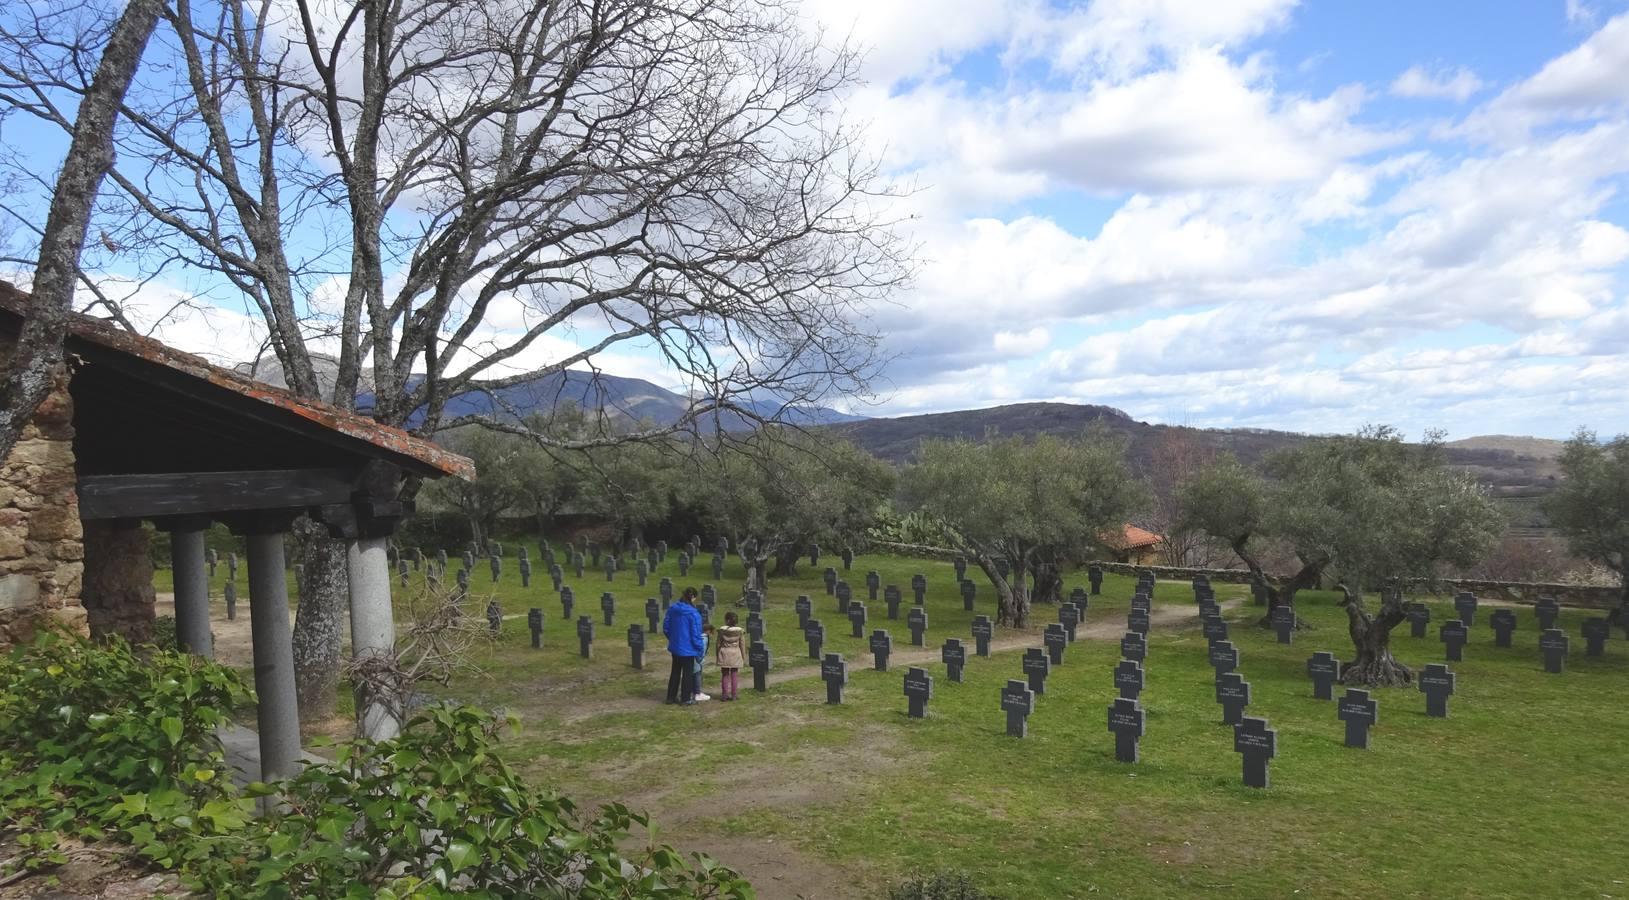 El misterioso cementerio alemán cacereño